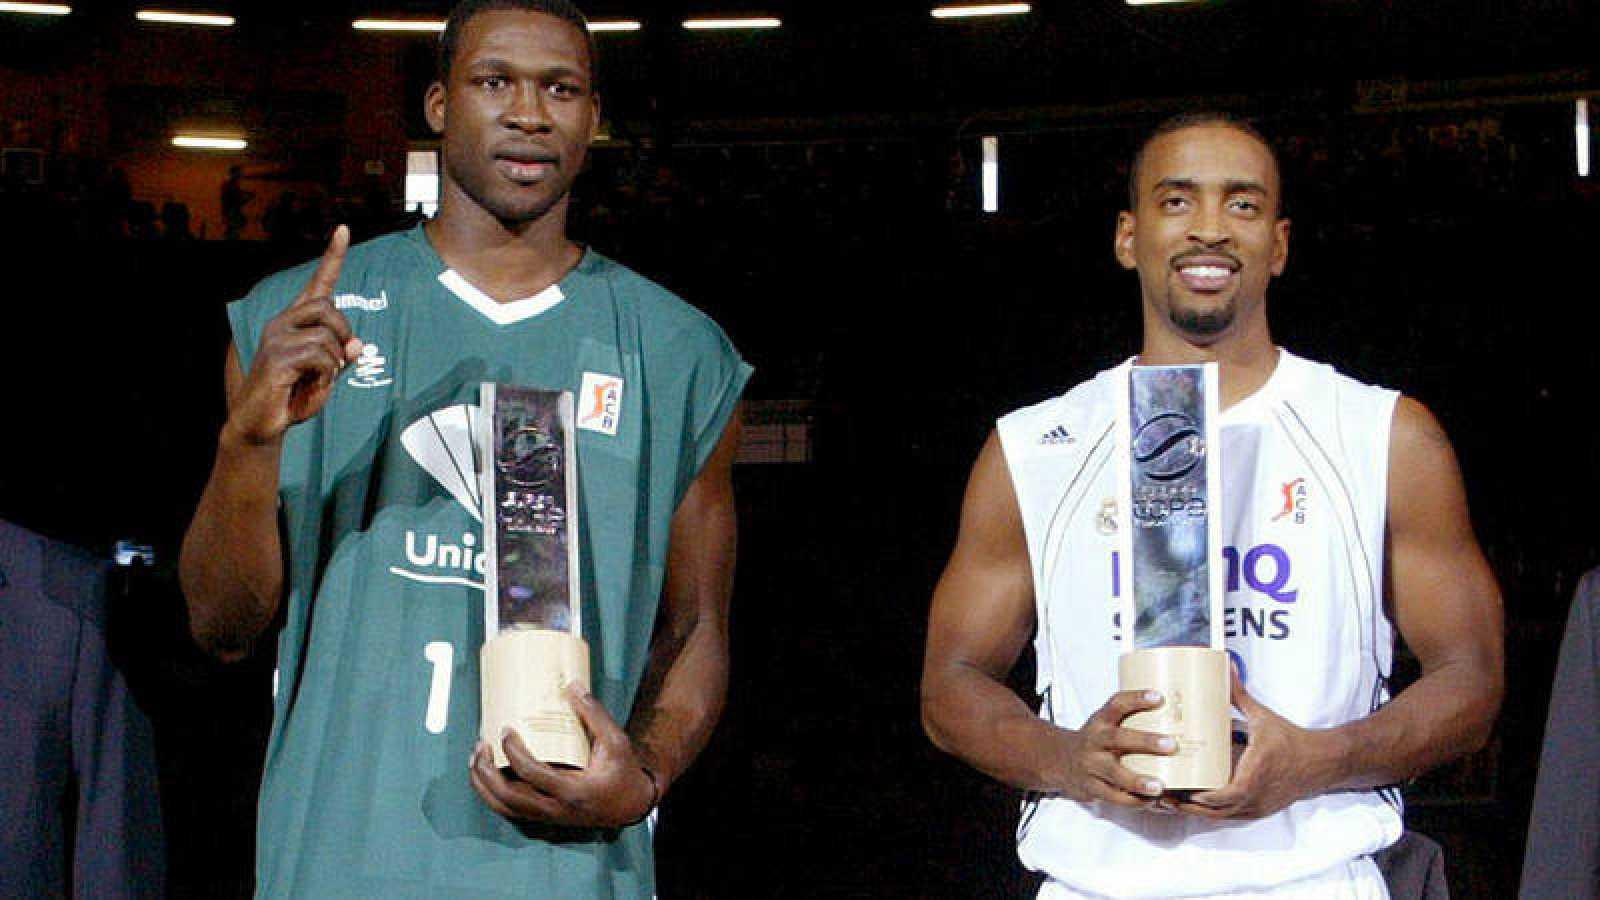 Bullock, a la izquierda, junto a Florent Pietrus como ganadores de mates y triples de 2006.